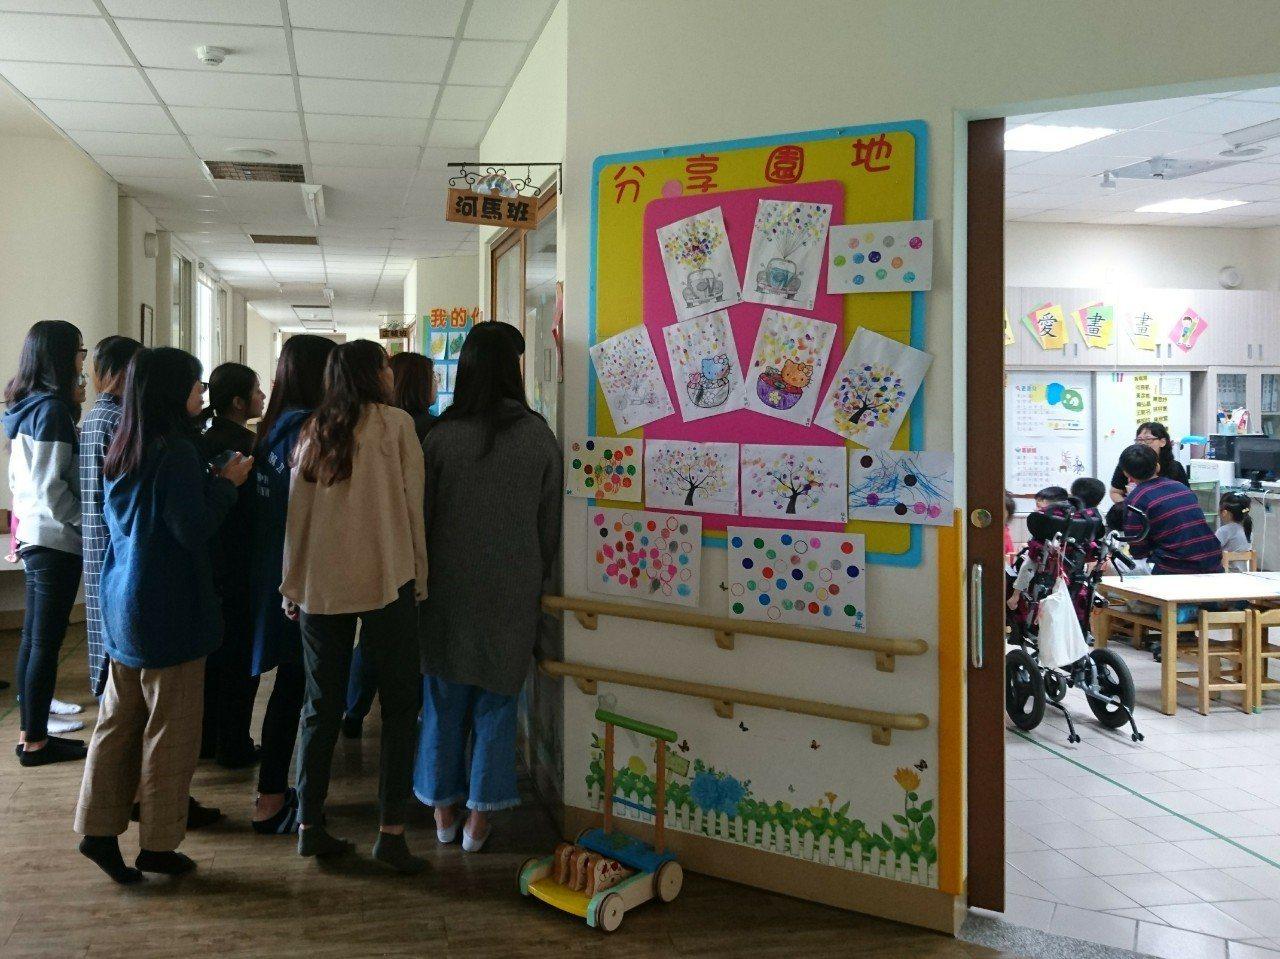 嘉義大學師生至晨光智能中心參訪。圖/嘉義大學提供